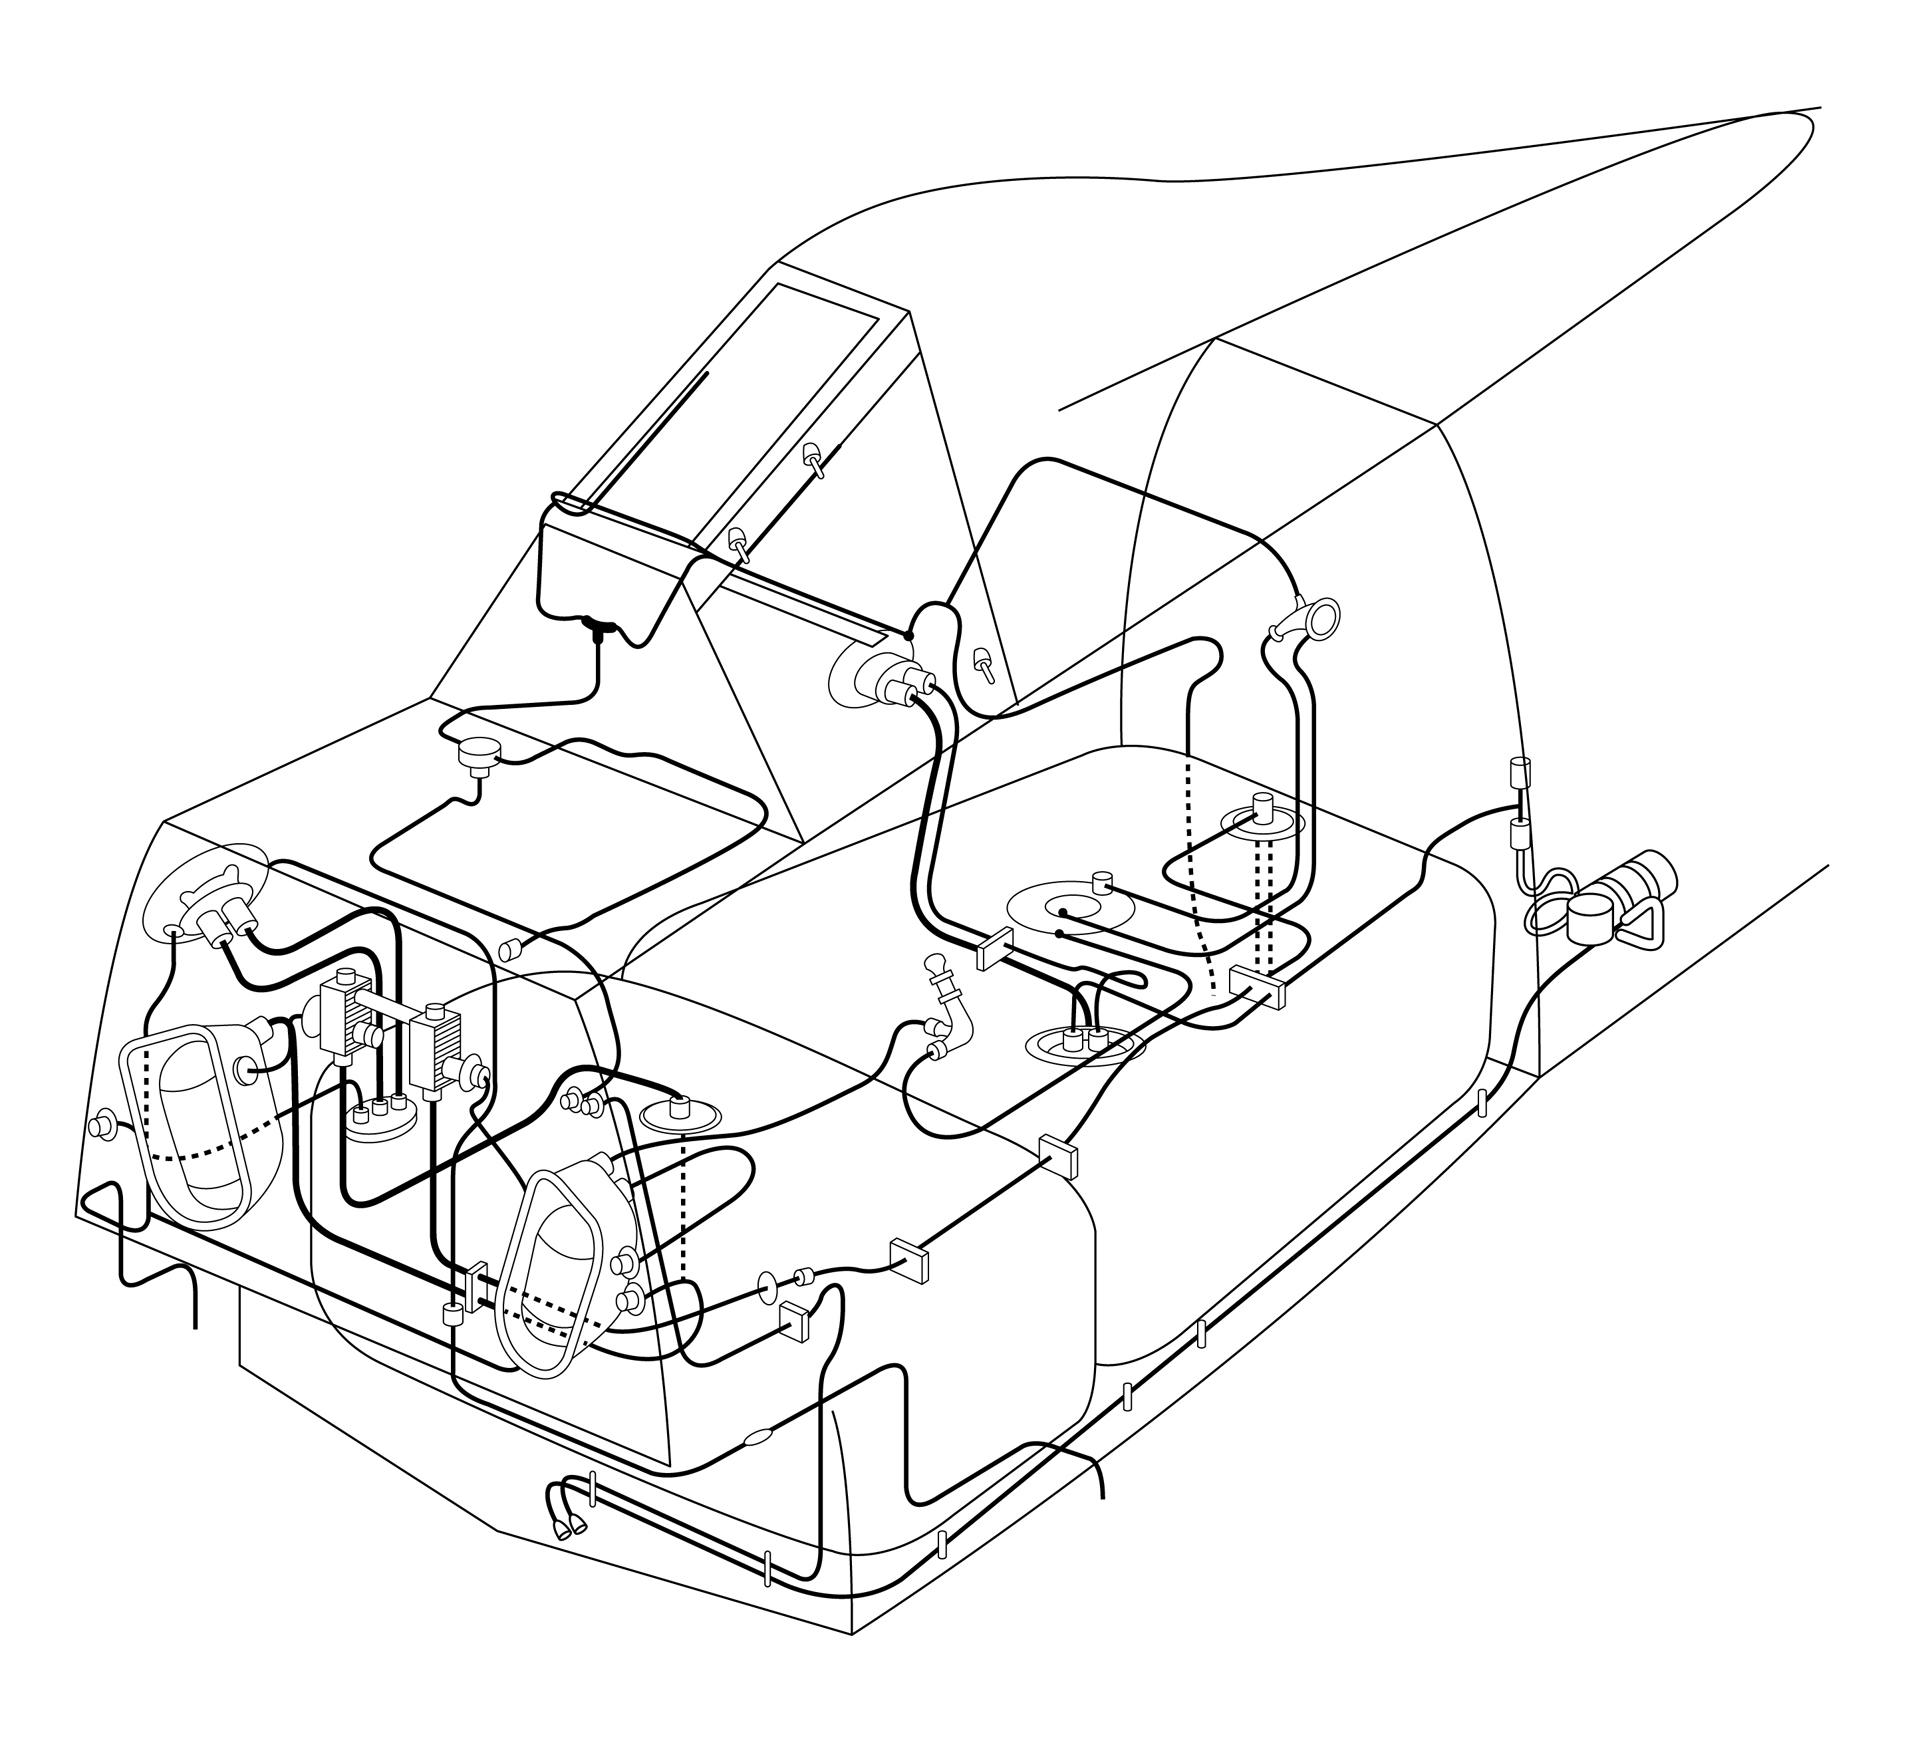 Dcs Fw 190 D 9 Dora Bmw Fuel Pressure Diagram System